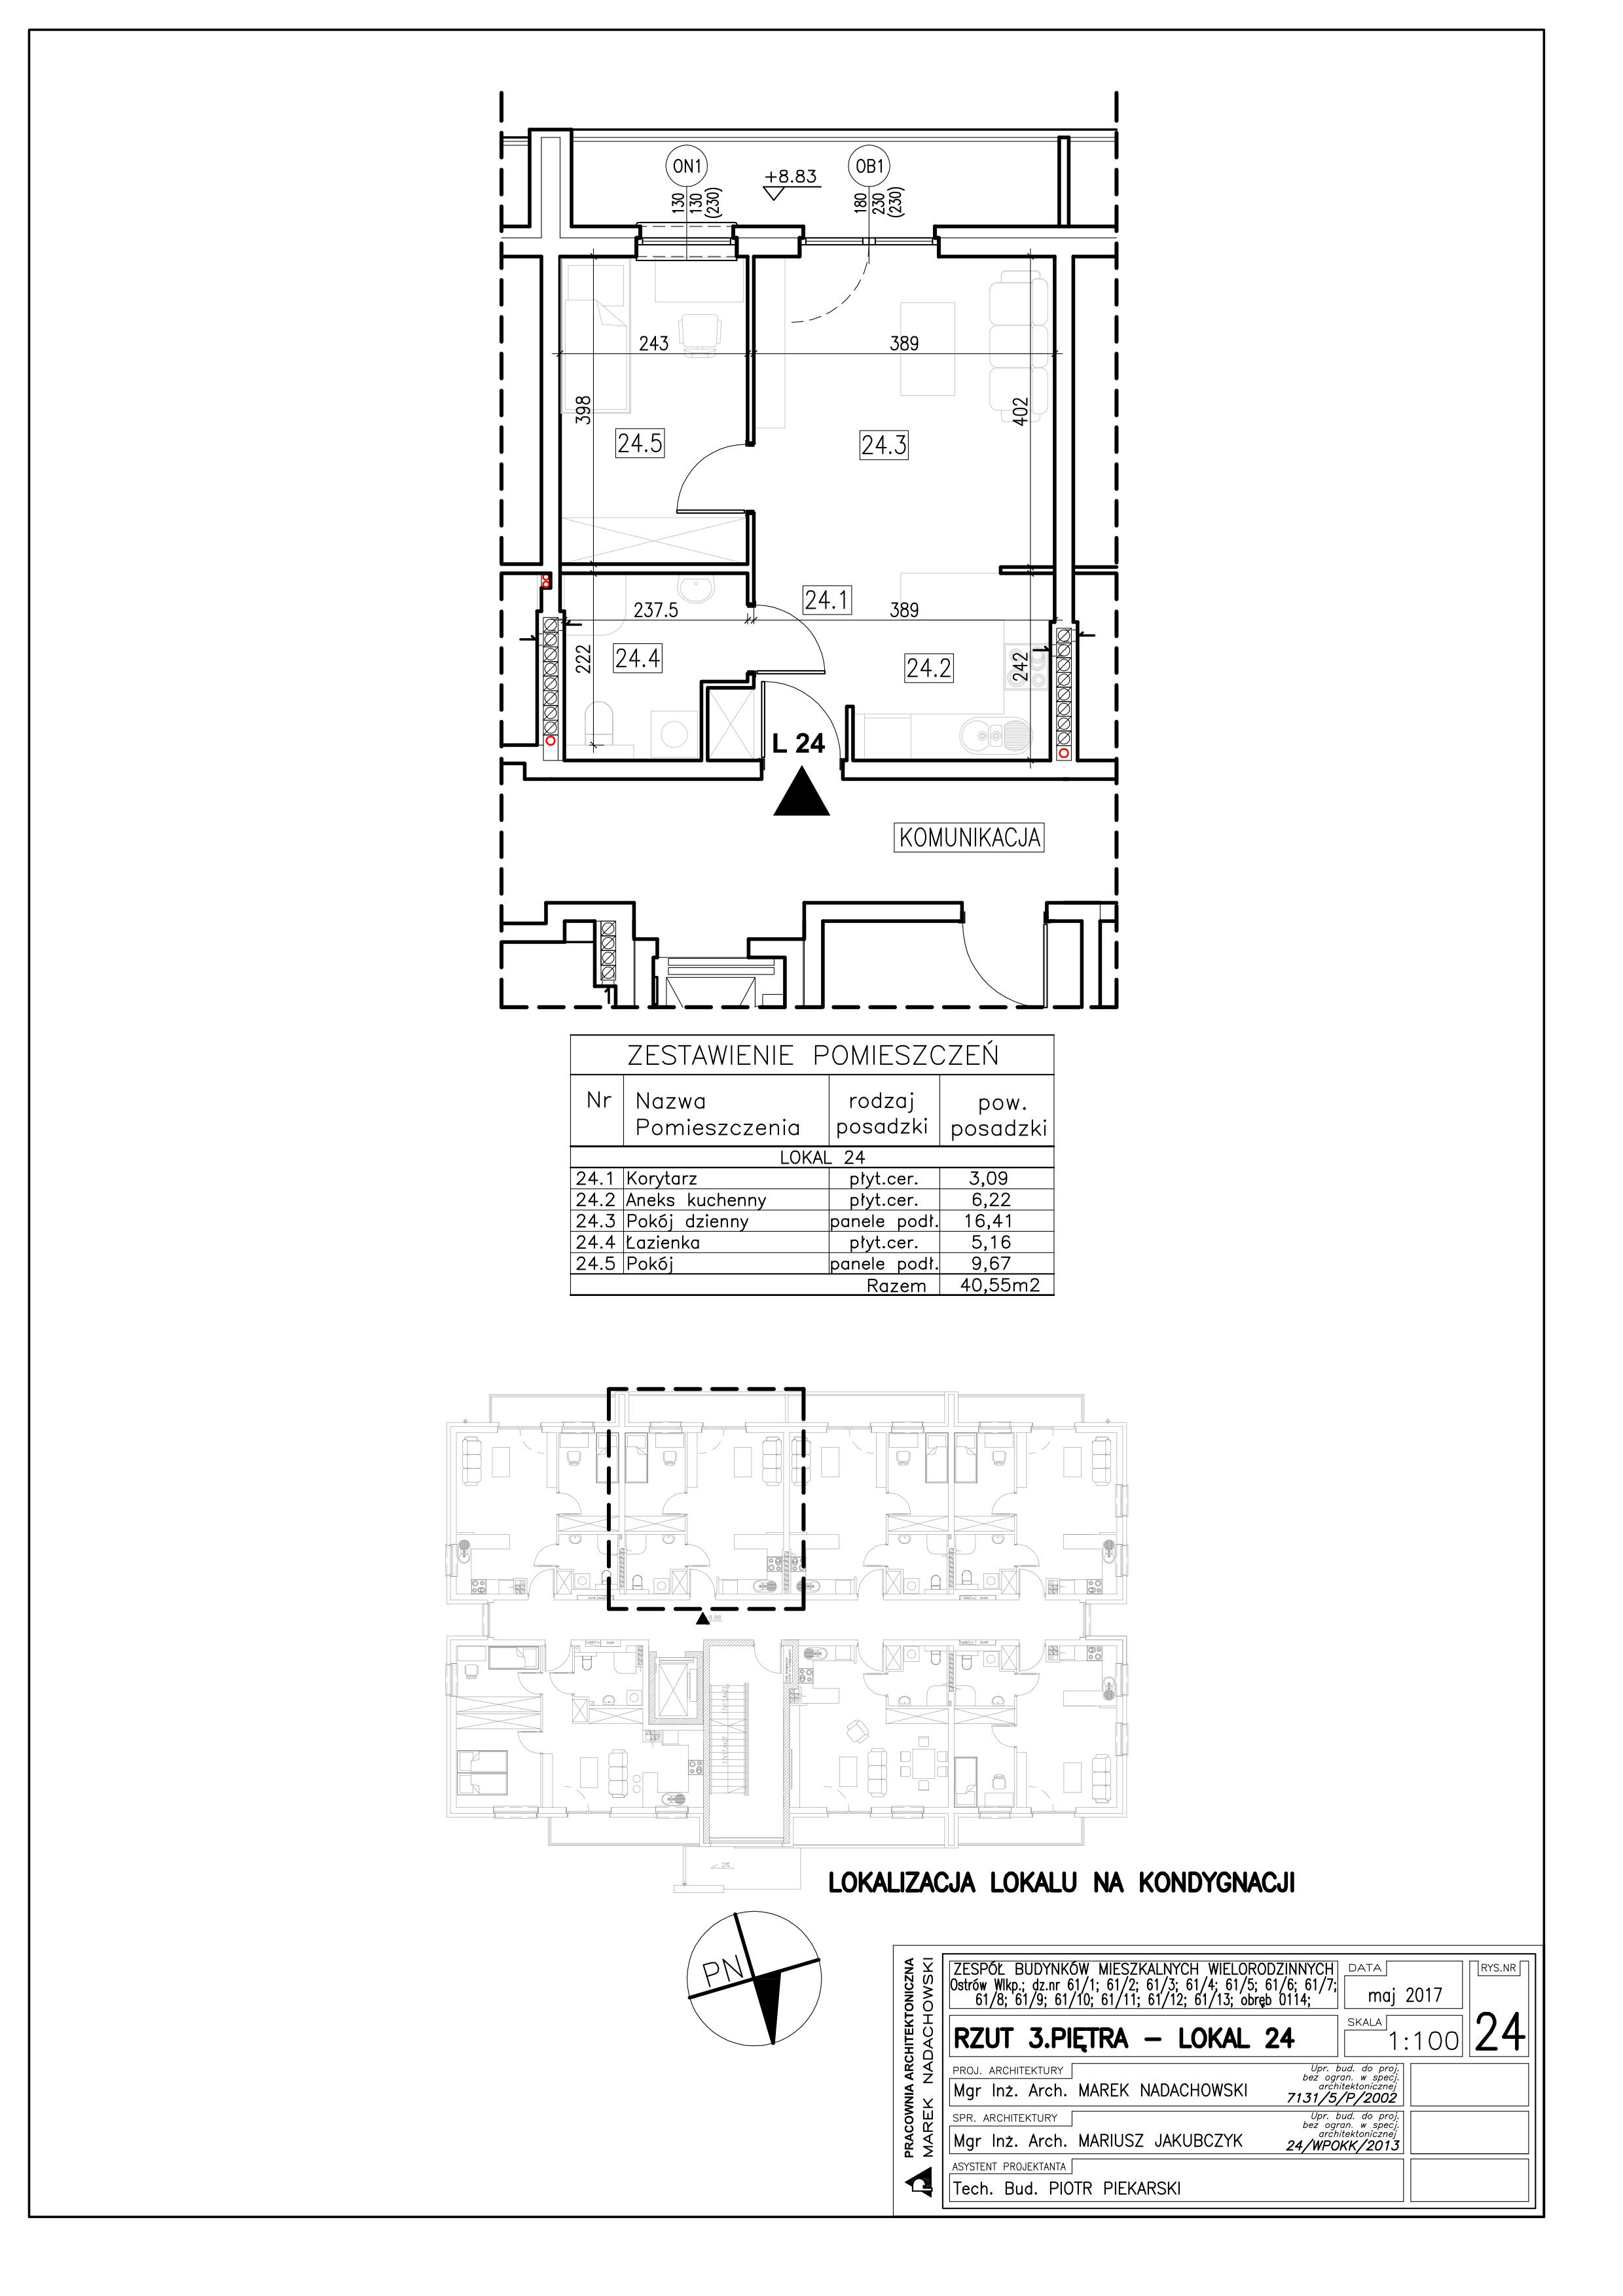 Lokal nr 24 Powierzchnia: 40,55 m2